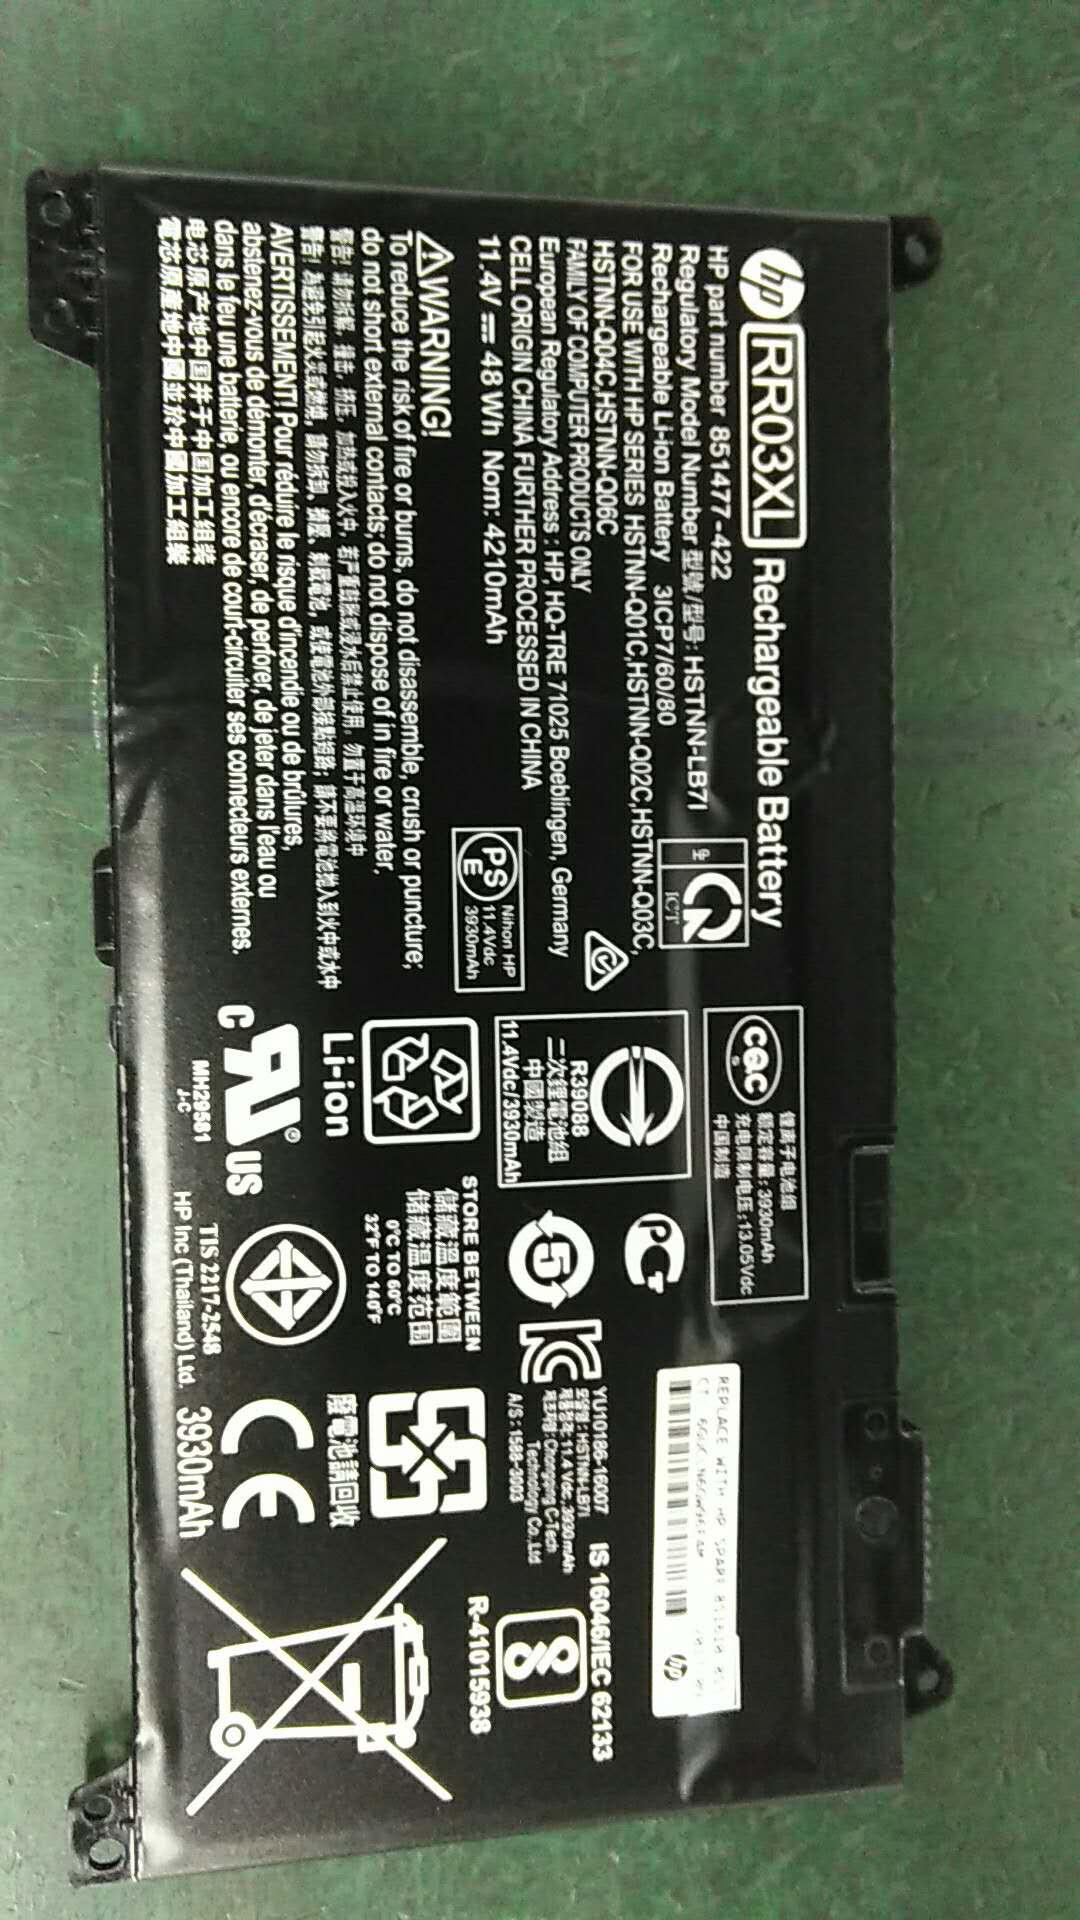 노트북용 리튬이온 배터리